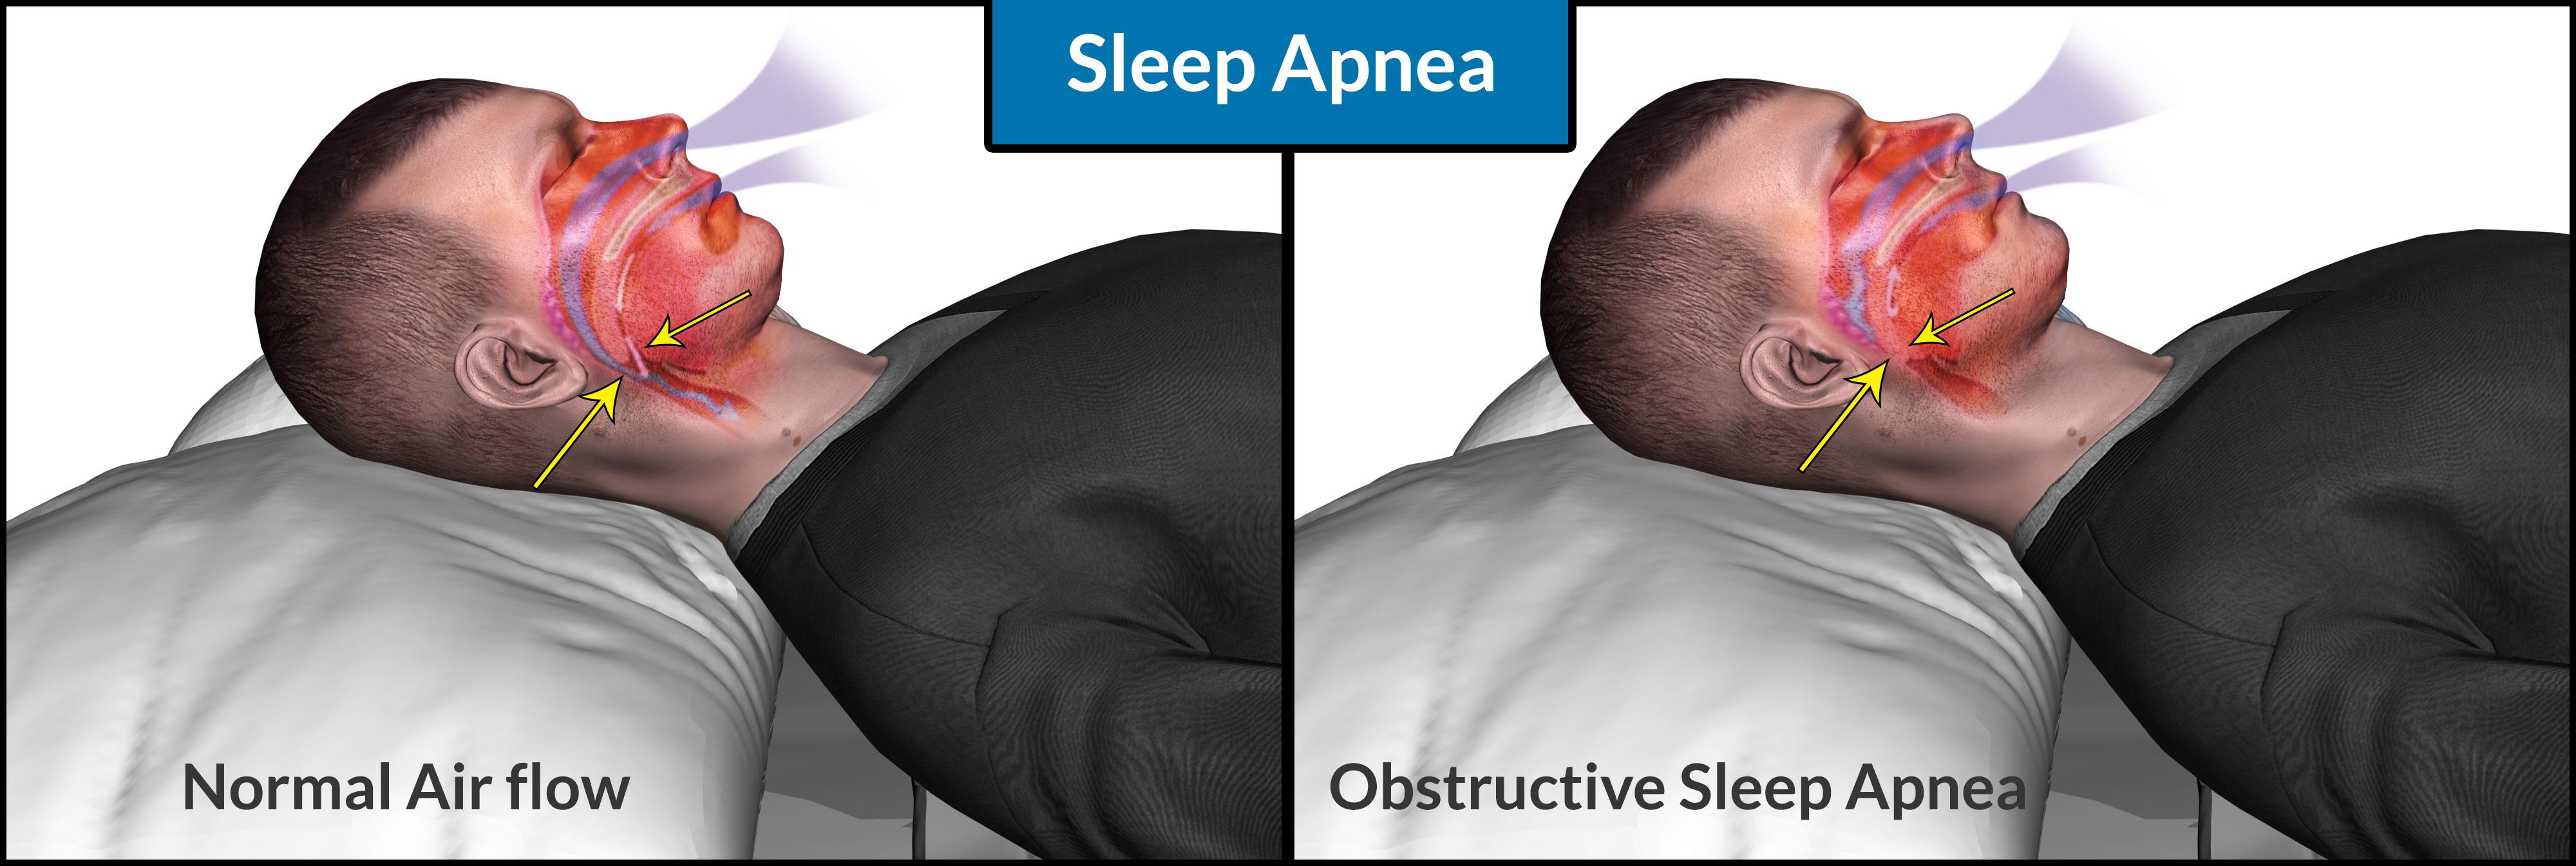 Sleep apnea patients may not always need specialists